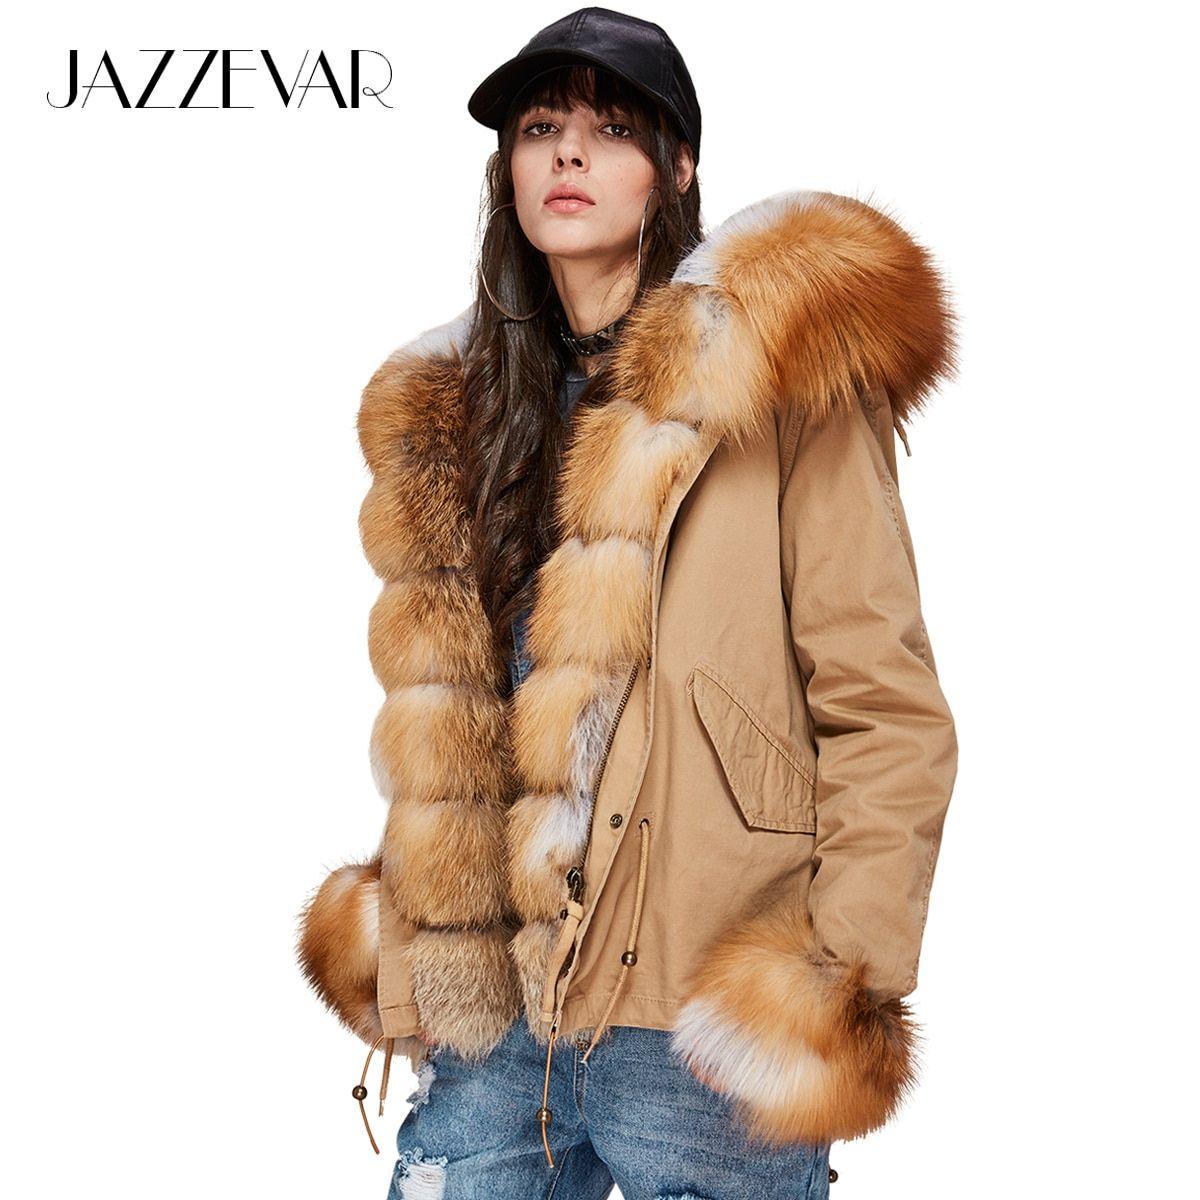 Jazzevar New Fashion Women S Luxurious Large Real Fox Fur Collar Cuff Hooded Coat Short Parkas Outwear Winter Jacke Fur Coat Vintage Short Parka Winter Outwear [ 1200 x 1200 Pixel ]